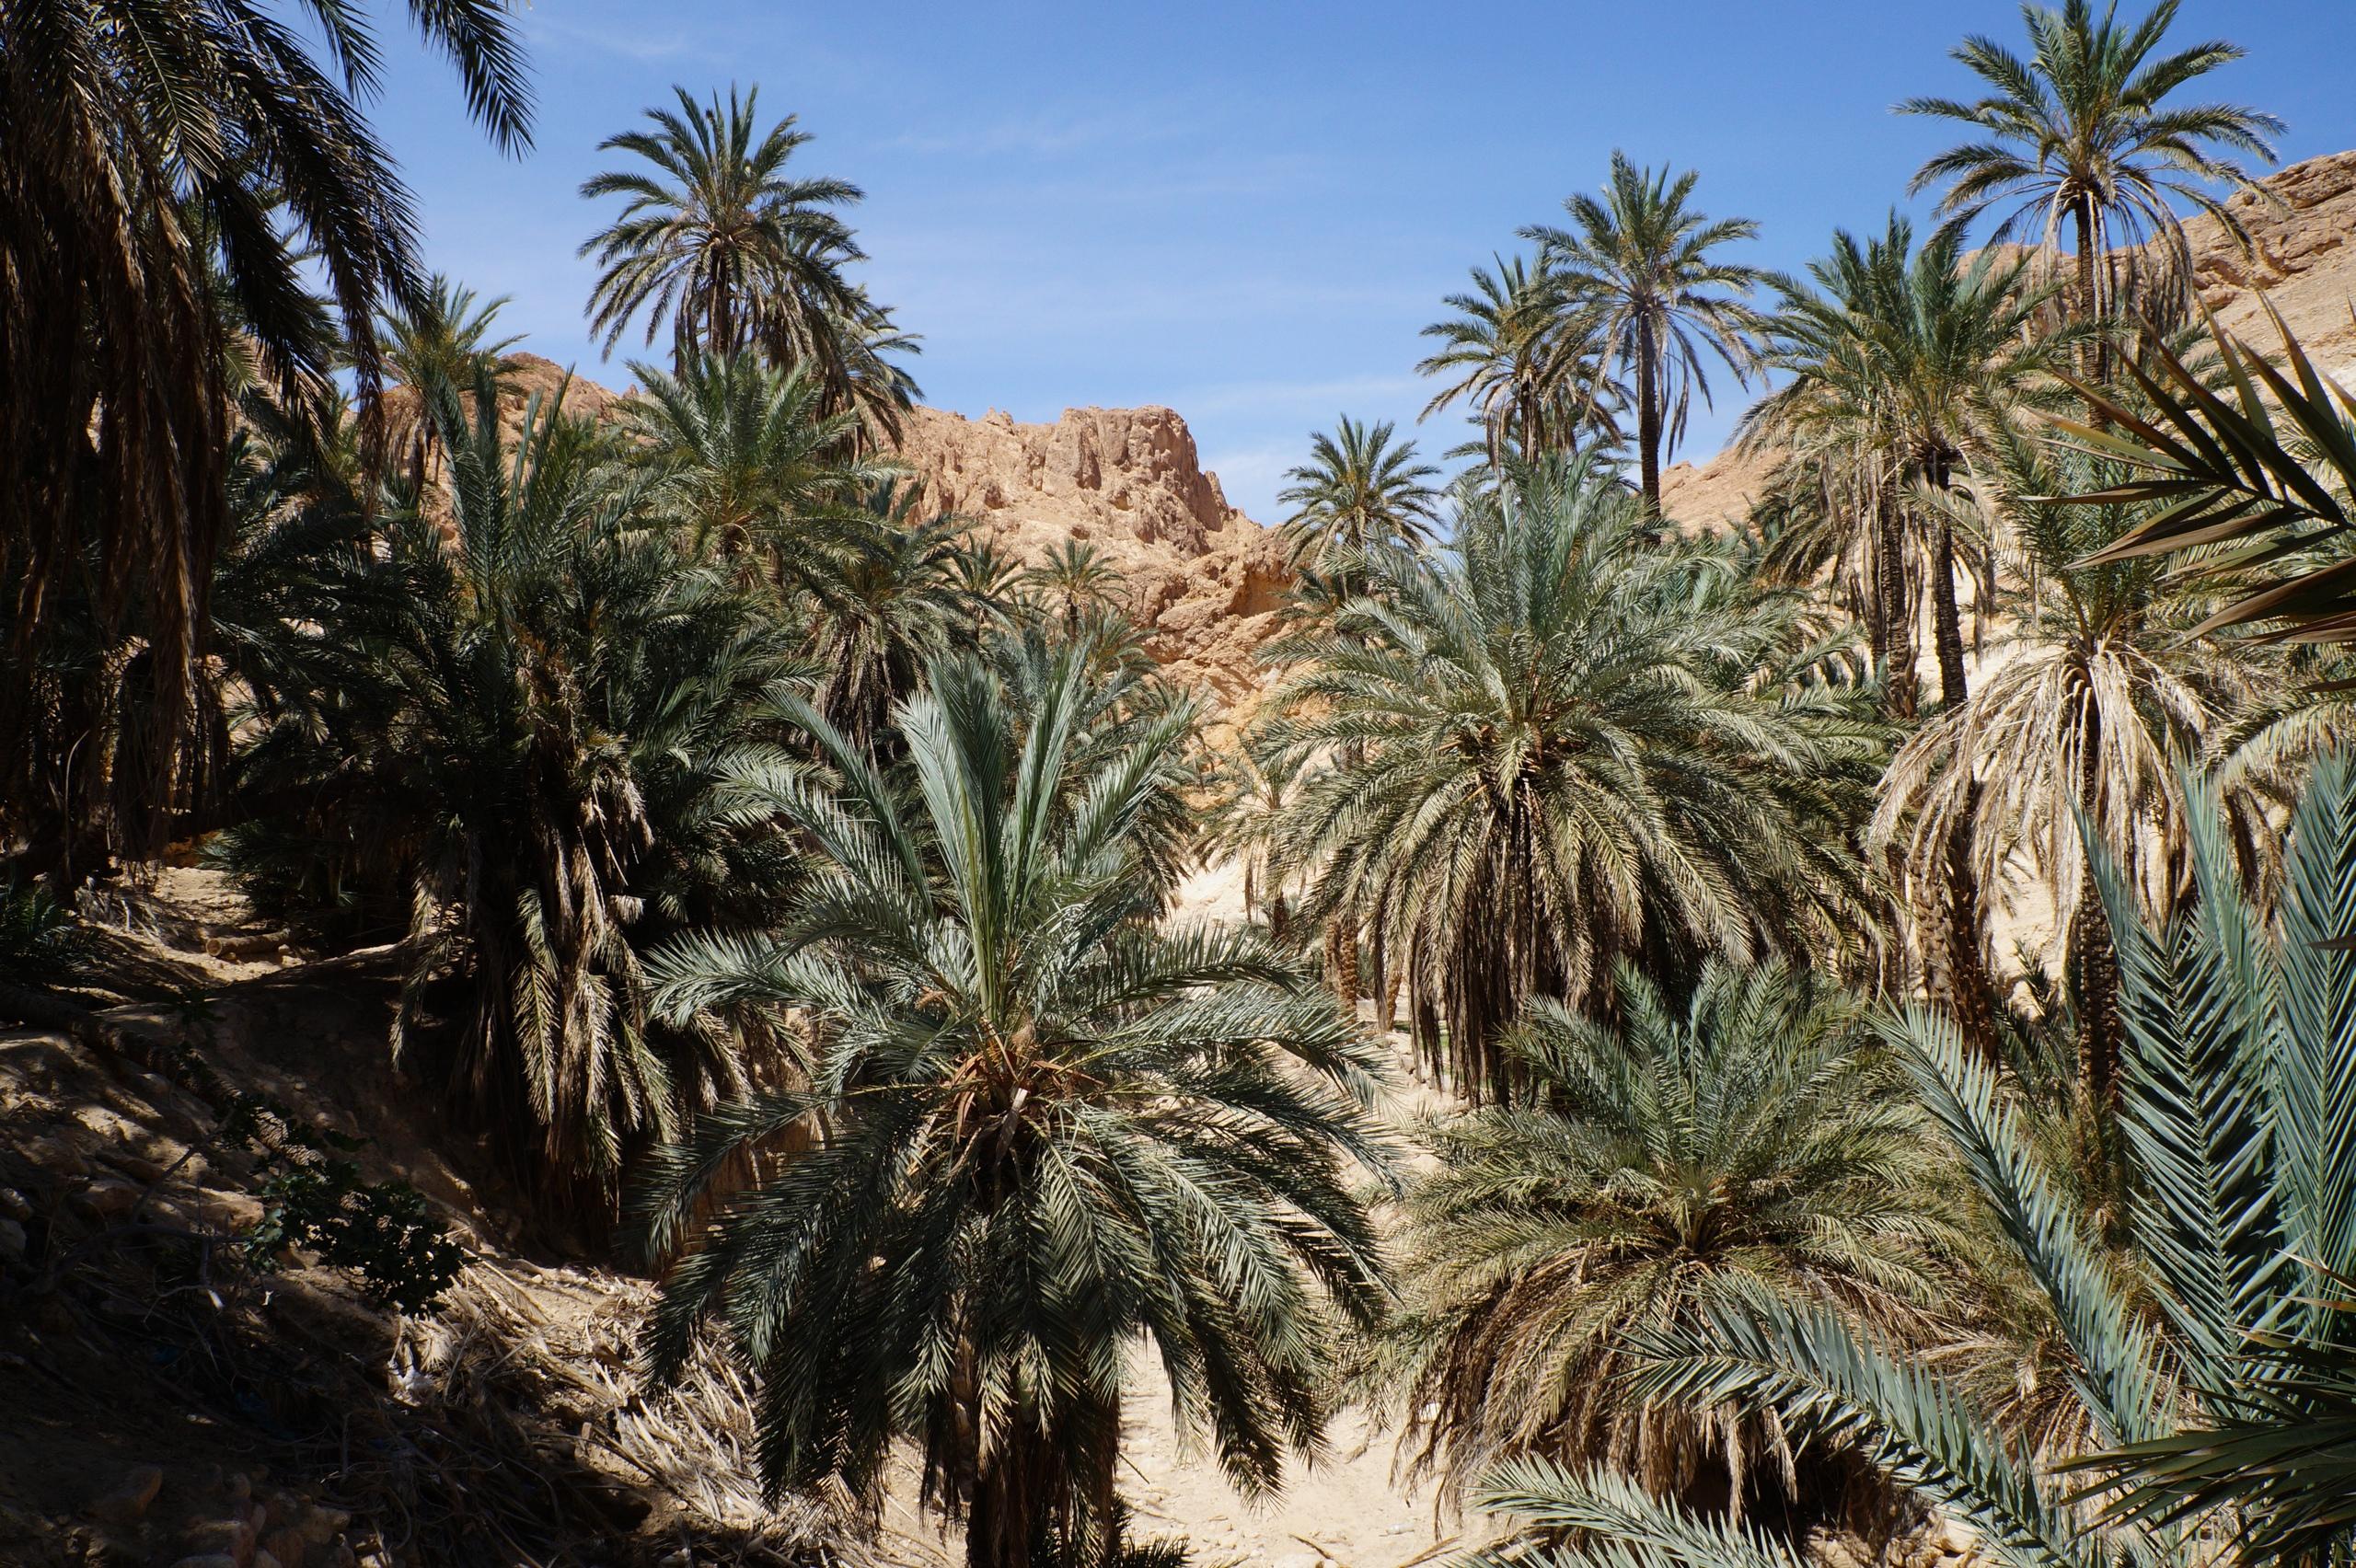 Самый красивый оазис в Сахаре Шебика, Оазис, Место, небольшой, можно, оазиса, Туниса, территории, среди, пустыни, благодаря, истоки, сувенирами, действительно, пальм, живности, всякой, полно, заводи, Туристов